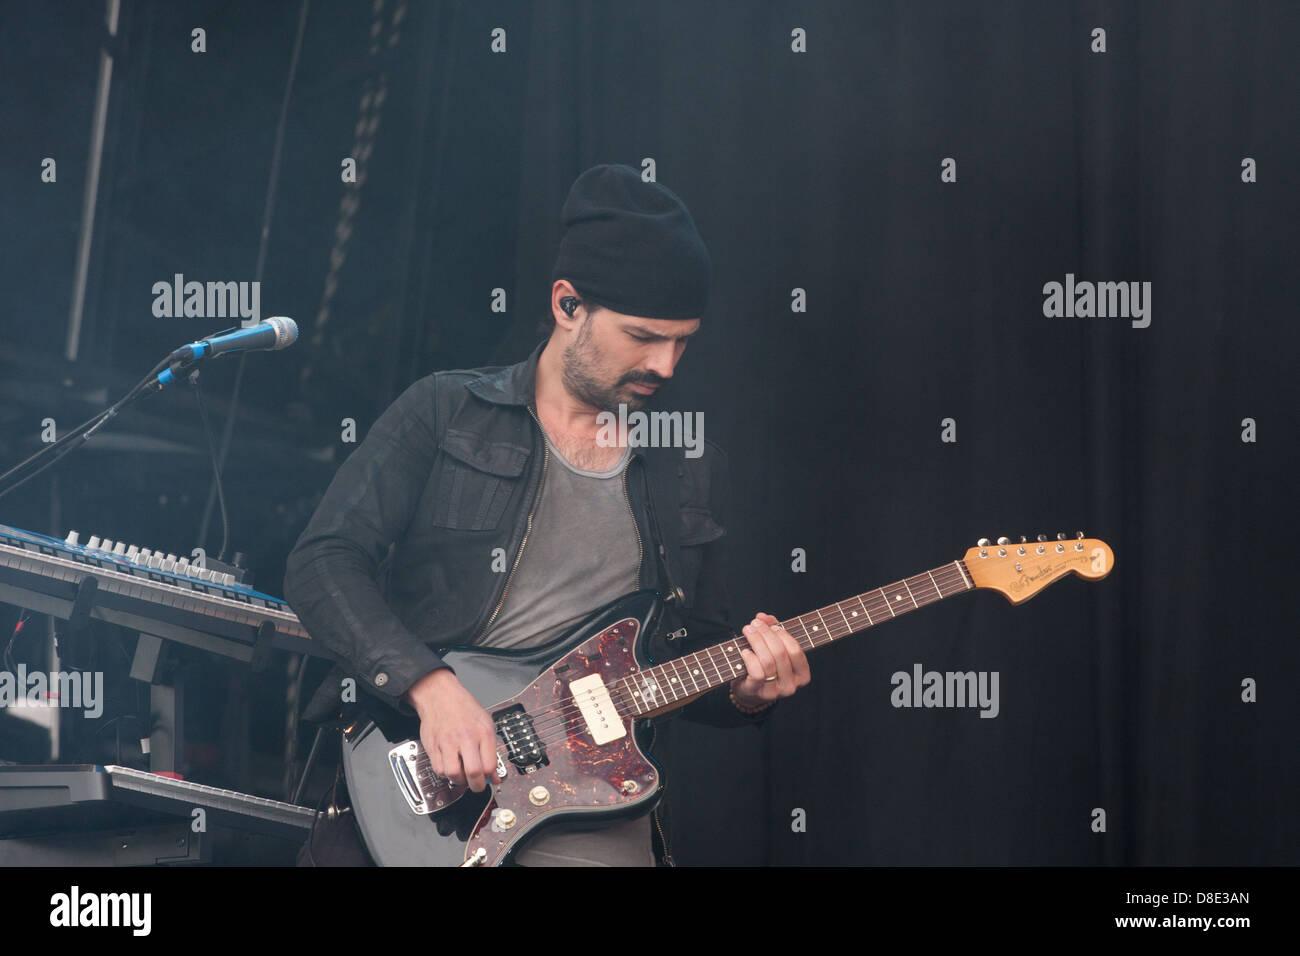 Tomo Miličević, base guitarist for 30 Seconds to Mars. - Stock Image